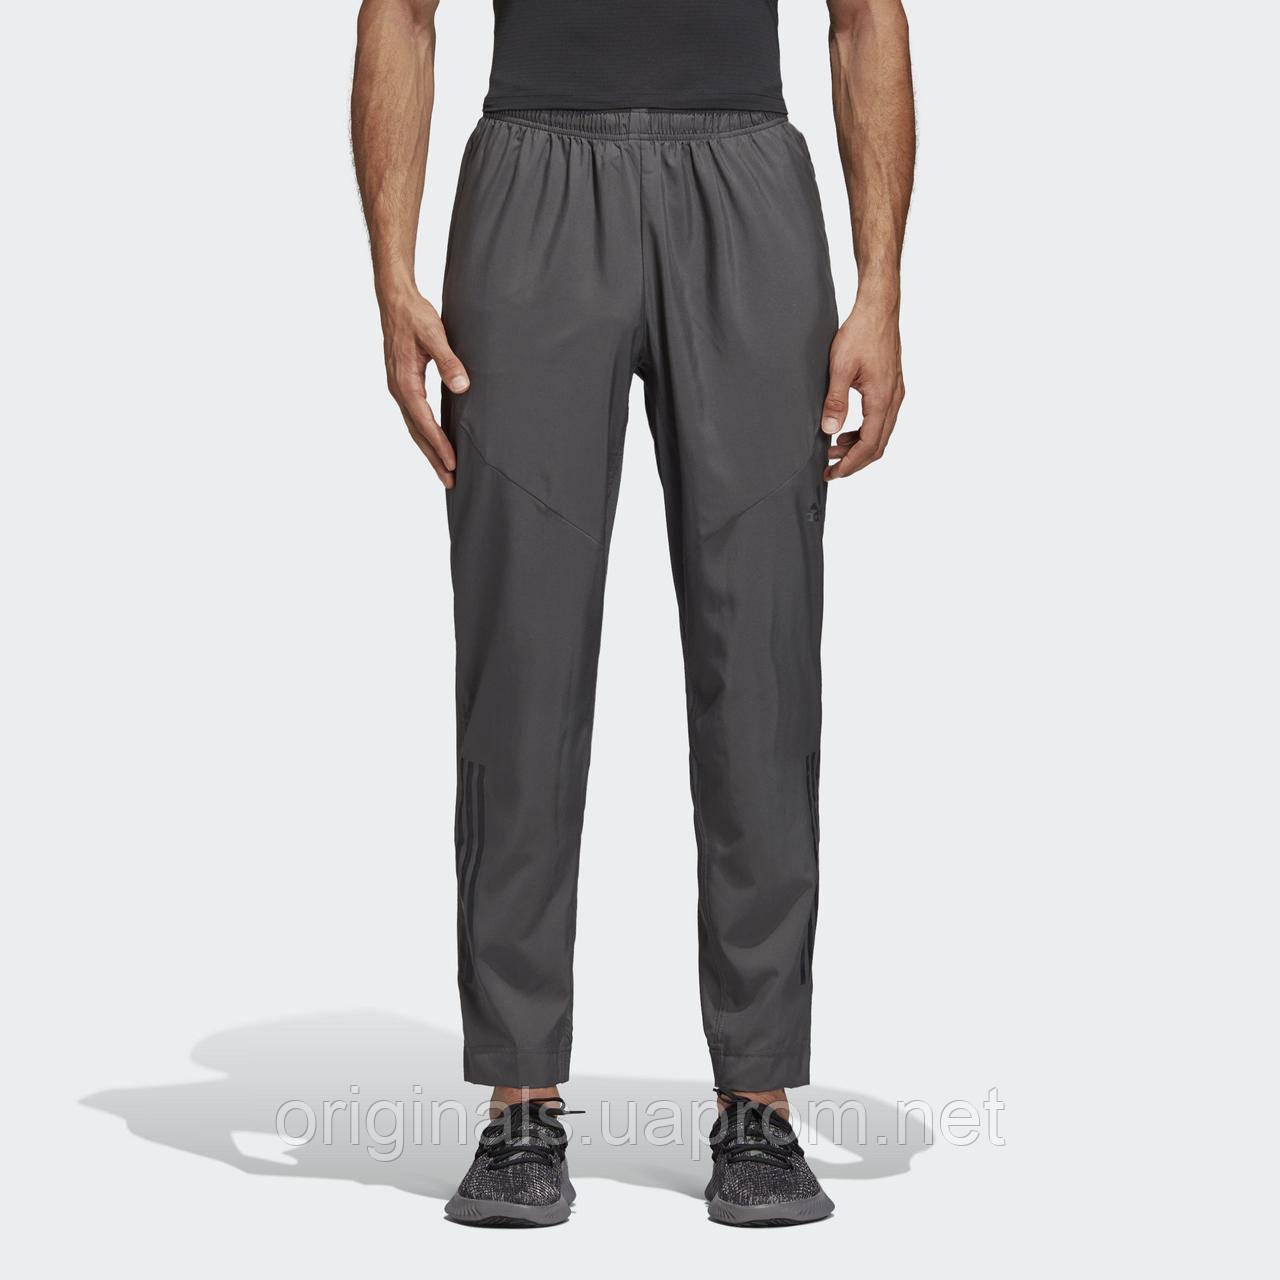 Спортивные штаны Adidas Climacool Workout DW5382